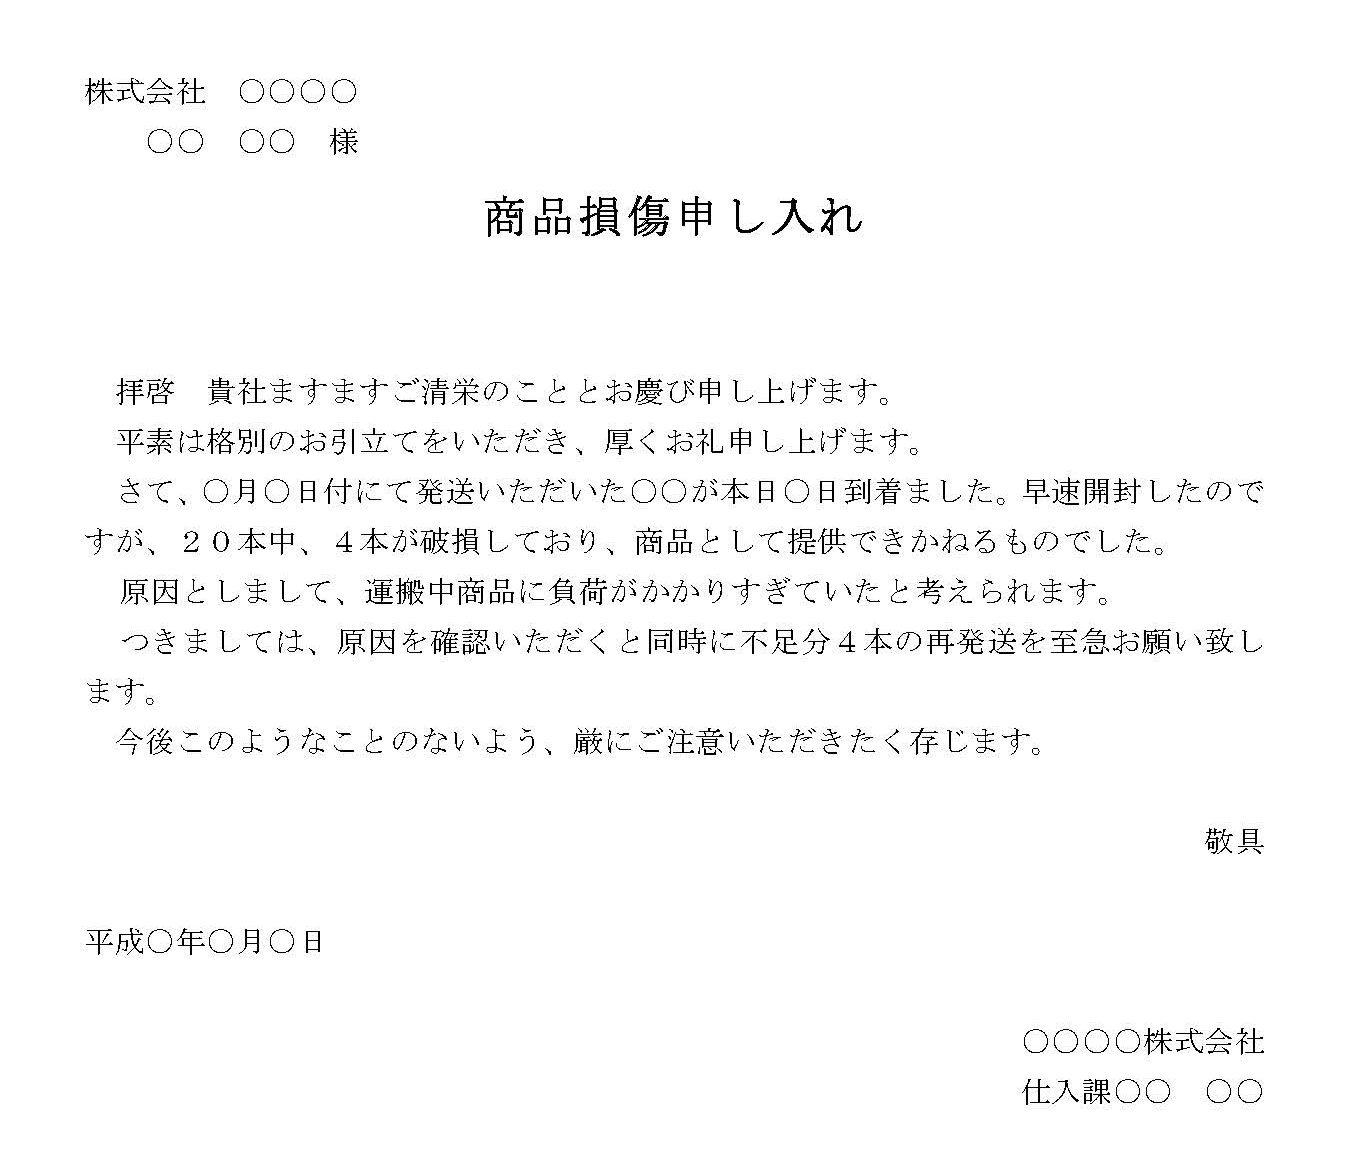 申入書(商品損傷)_2